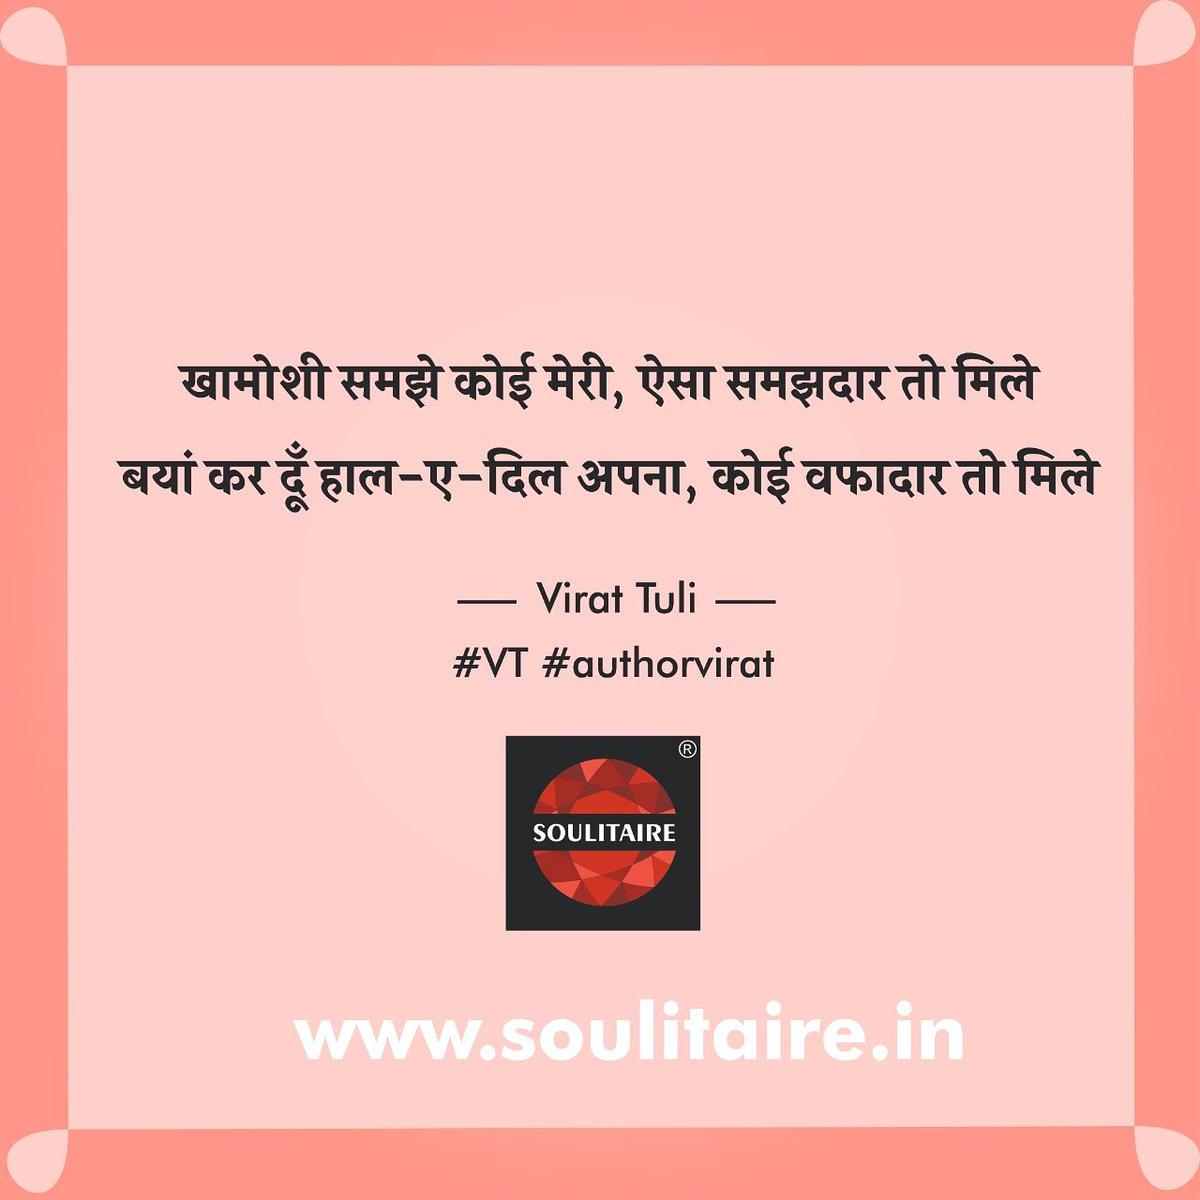 #authorvirat #soulitaire #shayarilover #shayarikiduniya #shayaricollection #shayar #shayara #shayaroninstagram #hindishayari #hindishayari#hindishayaris #shayara #shayarana #twolinershayari #twoliners pic.twitter.com/7YFZi4HXEx